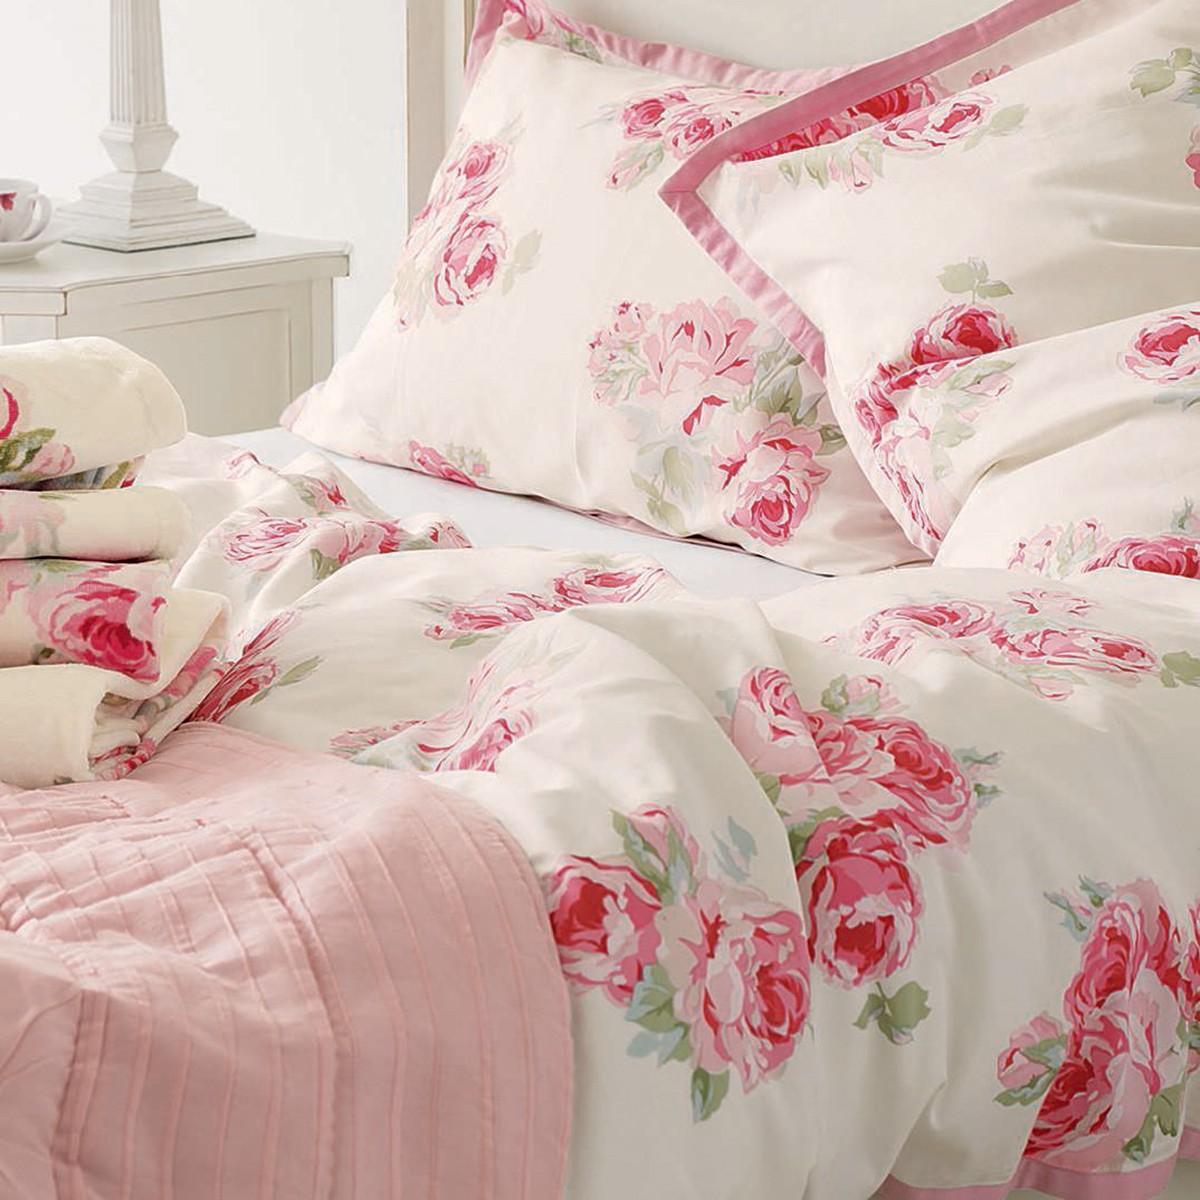 Σεντόνια Υπέρδιπλα (Σετ) Laura Ashley Couture Rose home   κρεβατοκάμαρα   σεντόνια   σεντόνια υπέρδιπλα